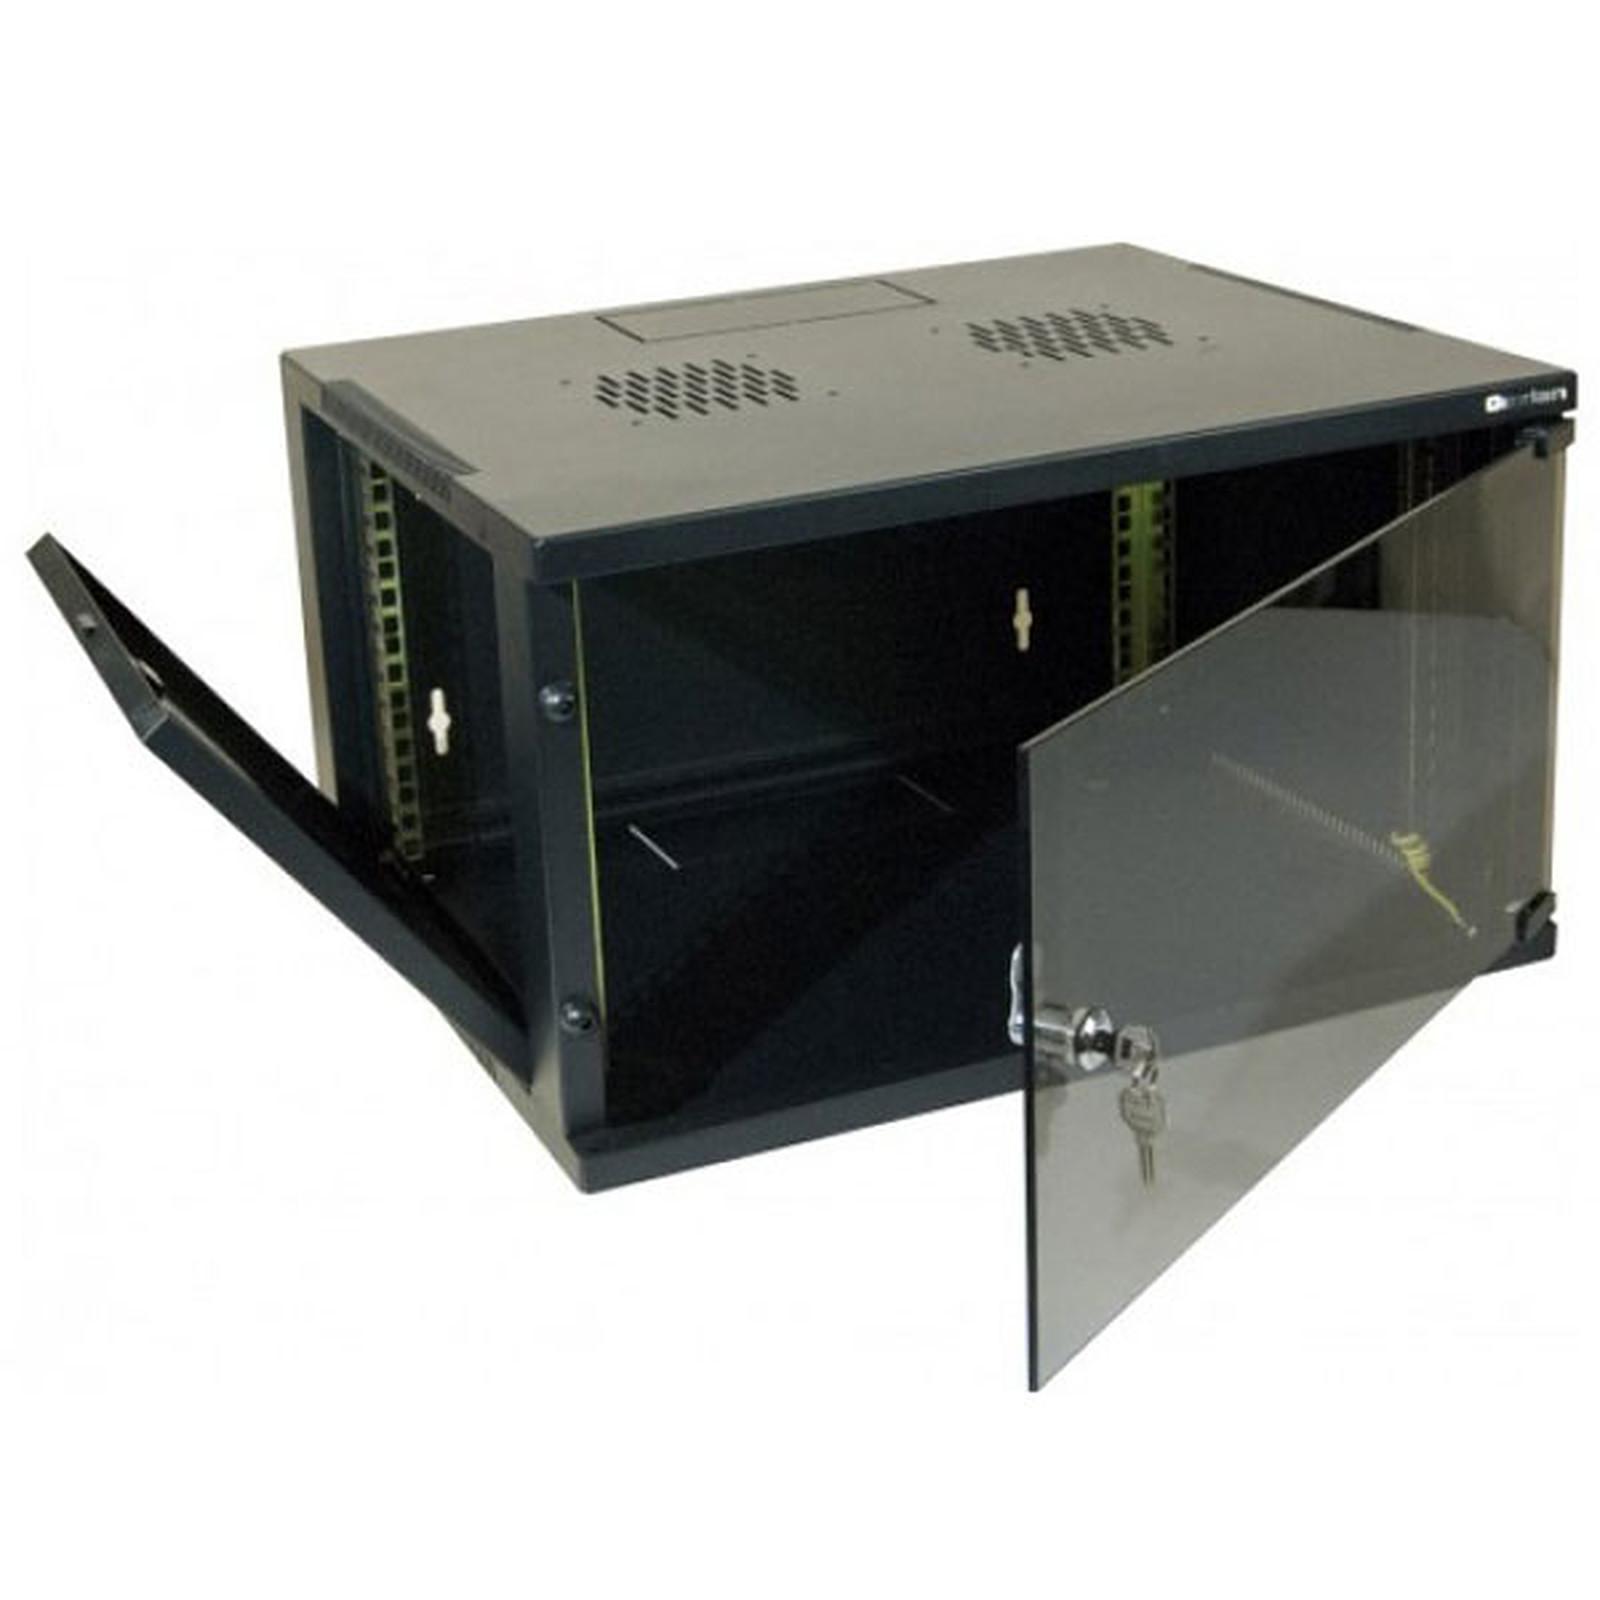 Dexlan coffret réseau - fixe - largeur 19'' - hauteur 20U - profondeur 60 cm - charge utile 35 kg - coloris noir